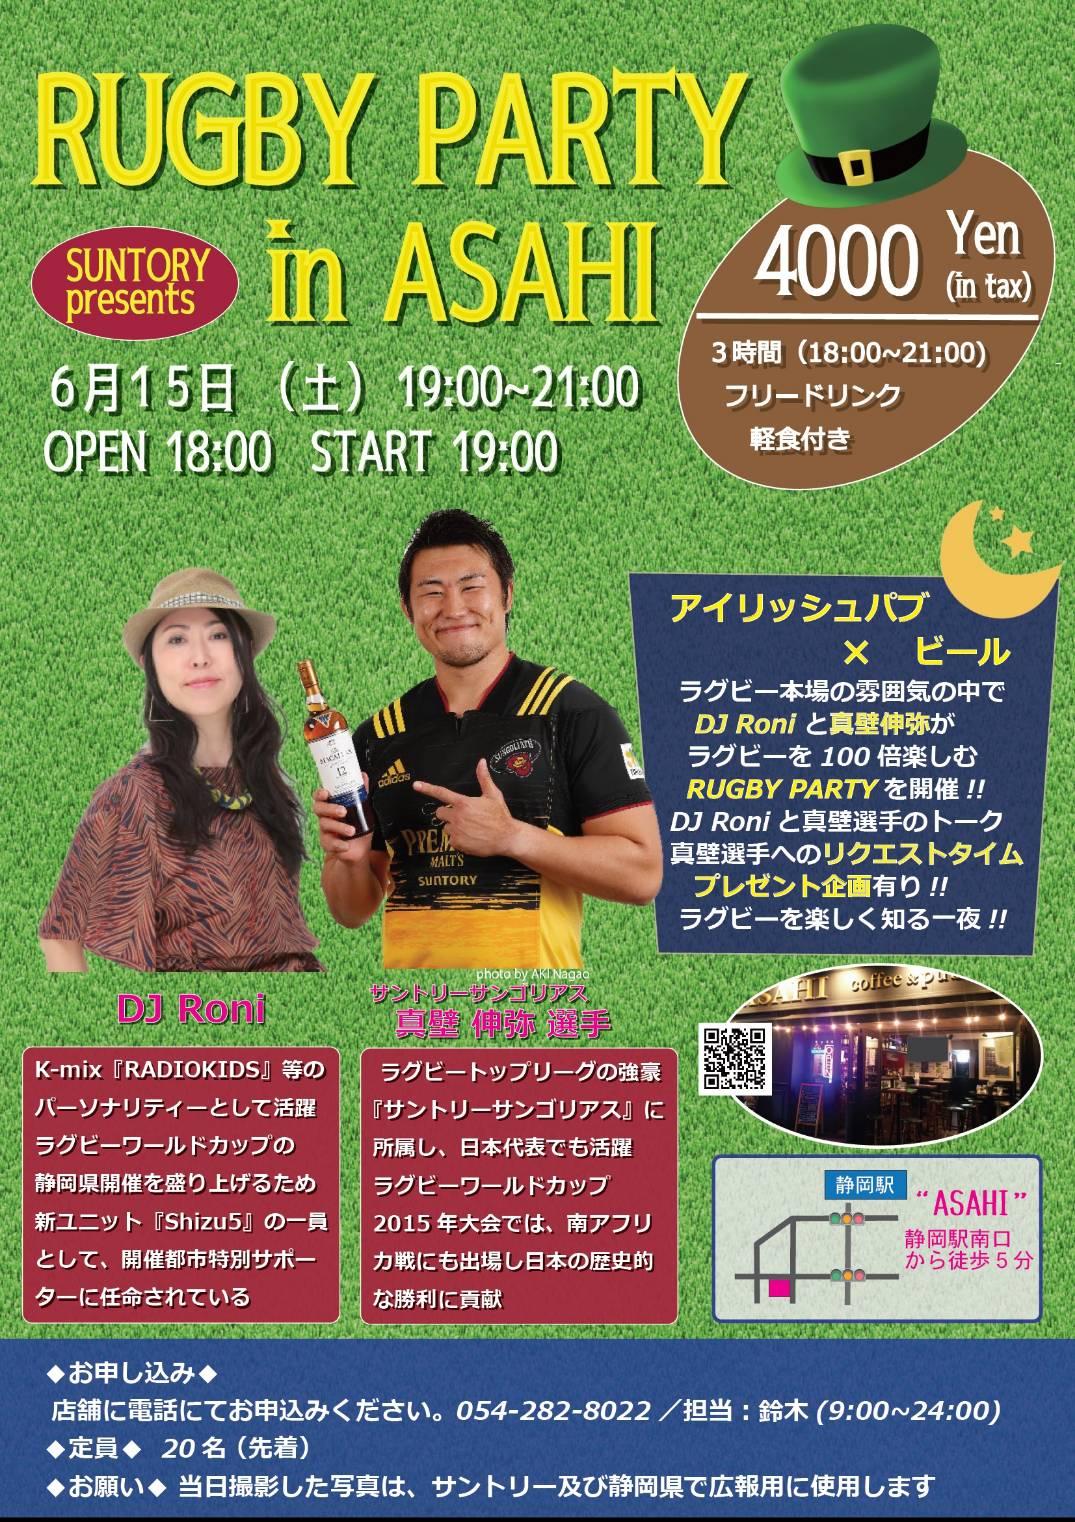 【告知】静岡でラグビートークショー